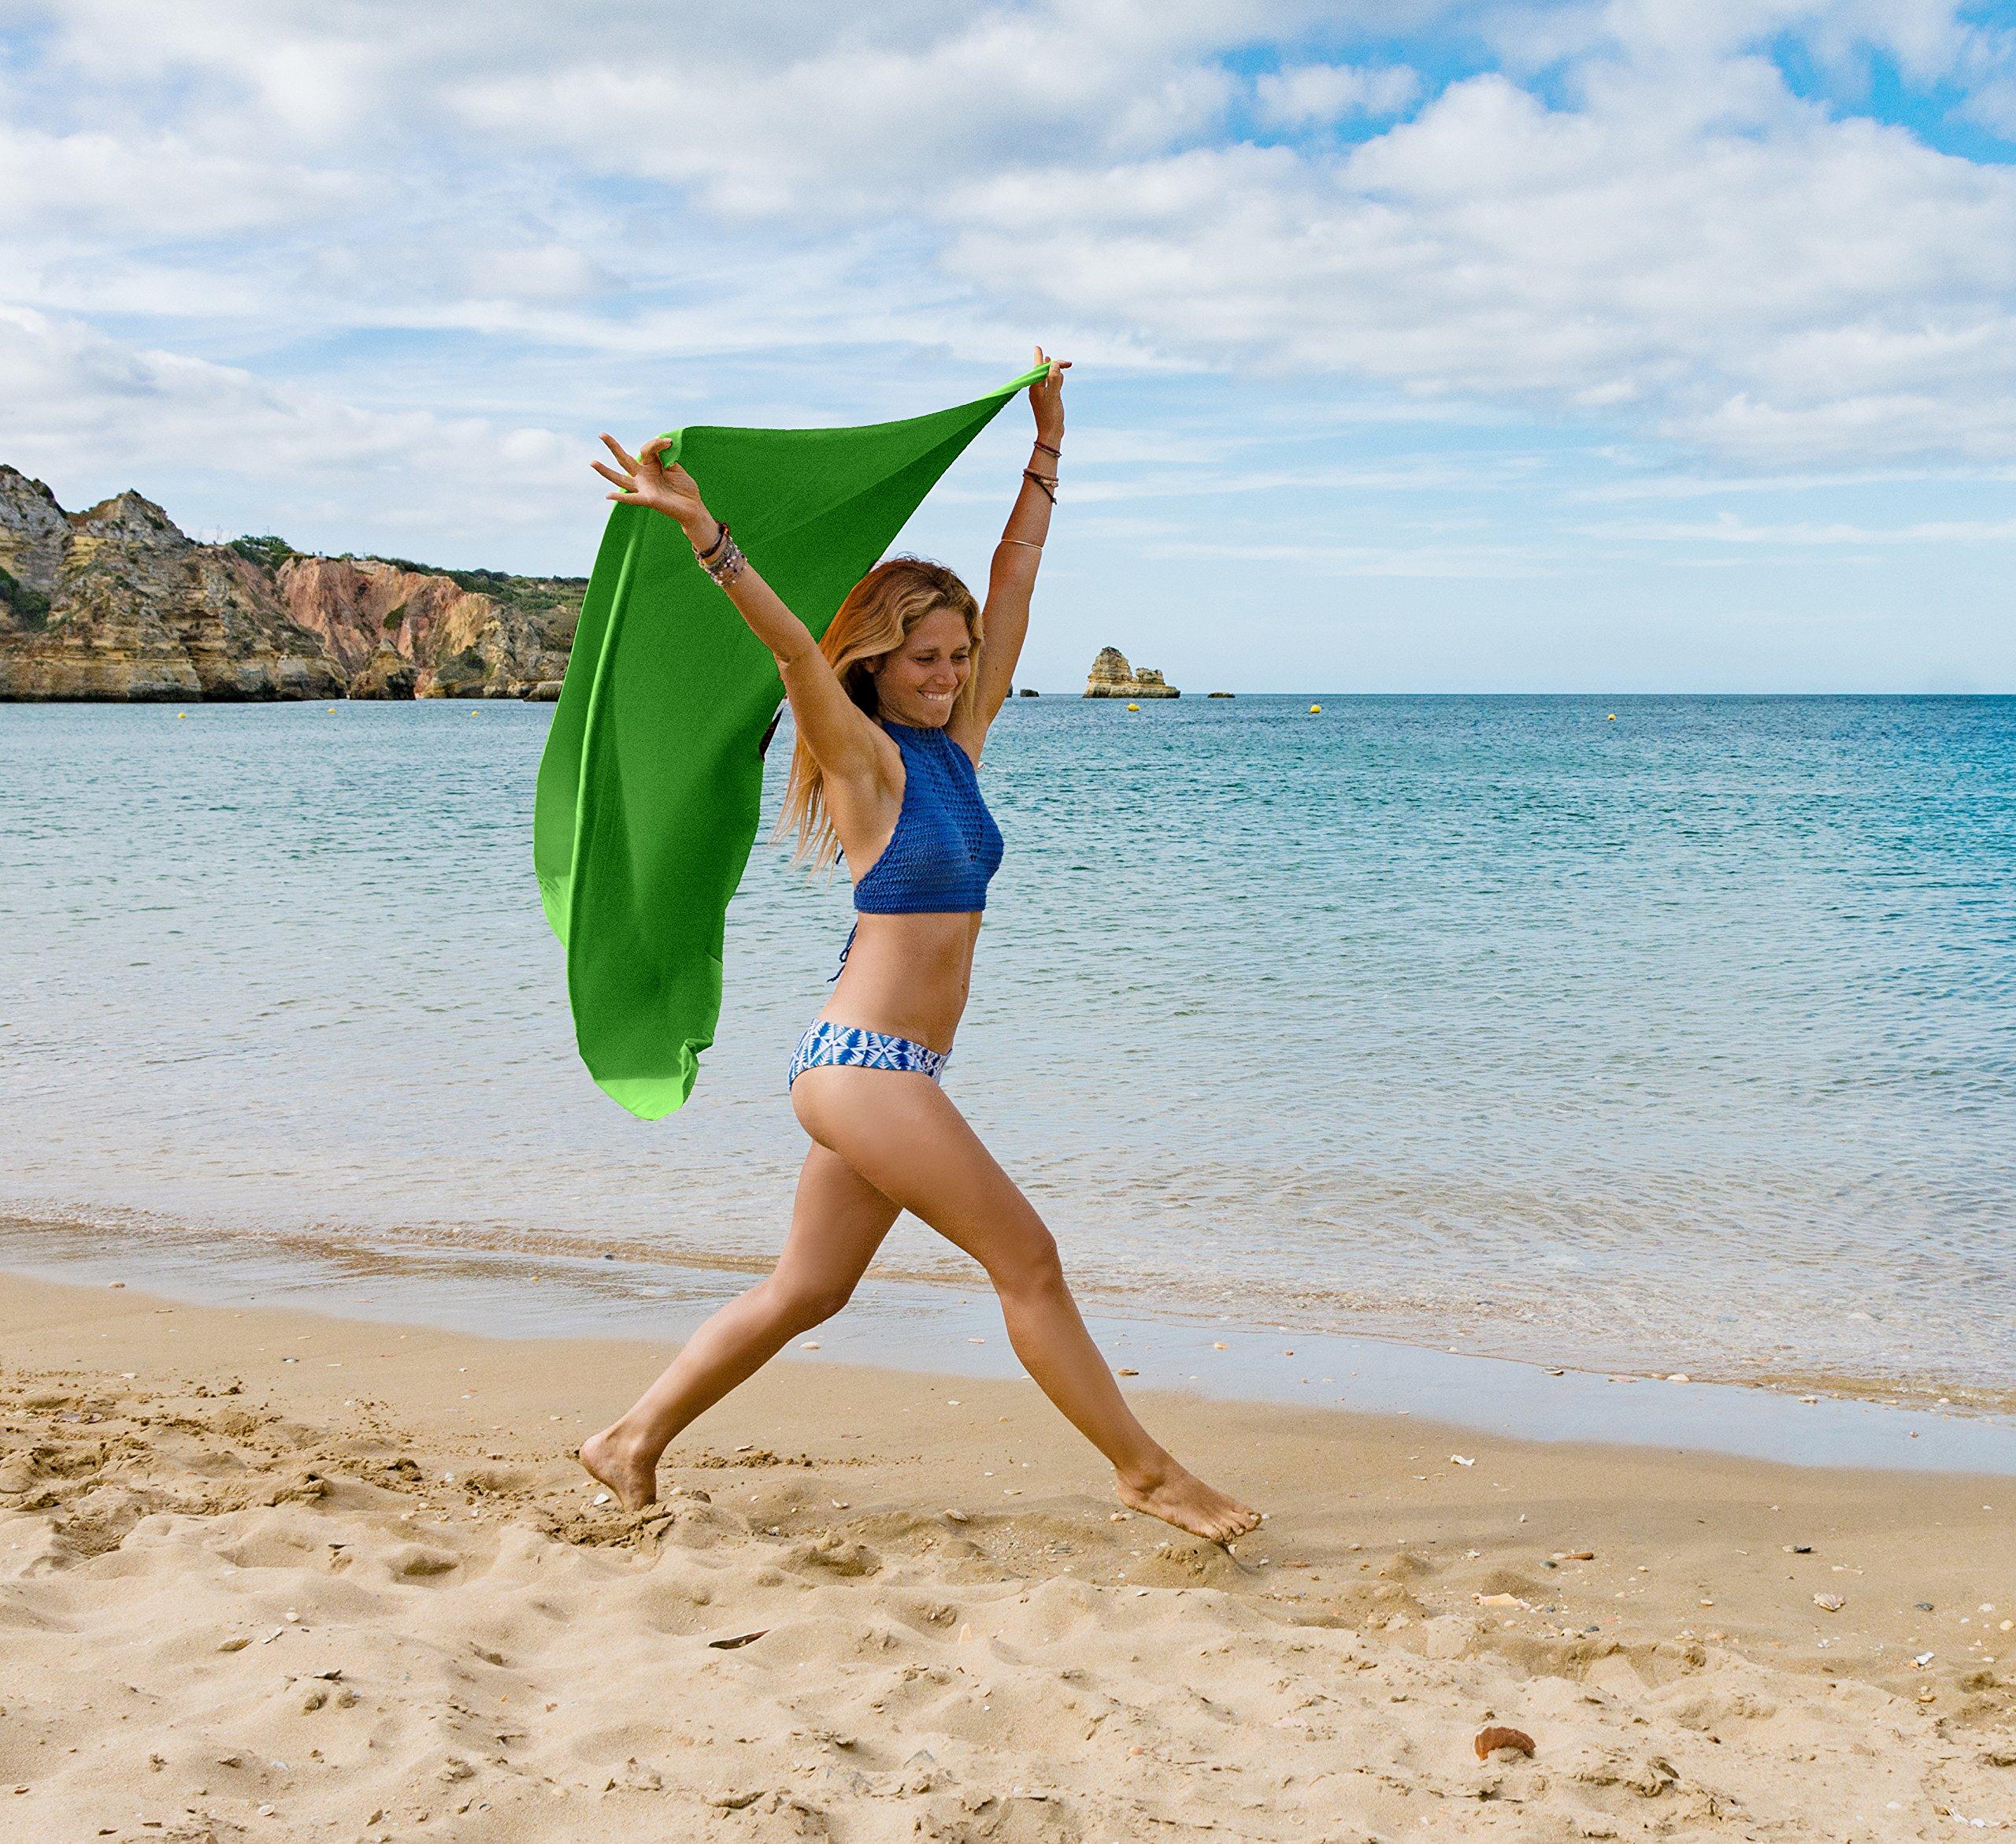 80x160cm Azul - Borde Verde en Todos los tama/ños // 18 Colores Ultraligera y compacta Toalla Playa Microfibra y Toalla Deporte Gimnasio Fit-Flip Toalla Microfibra Toalla Secado rapido